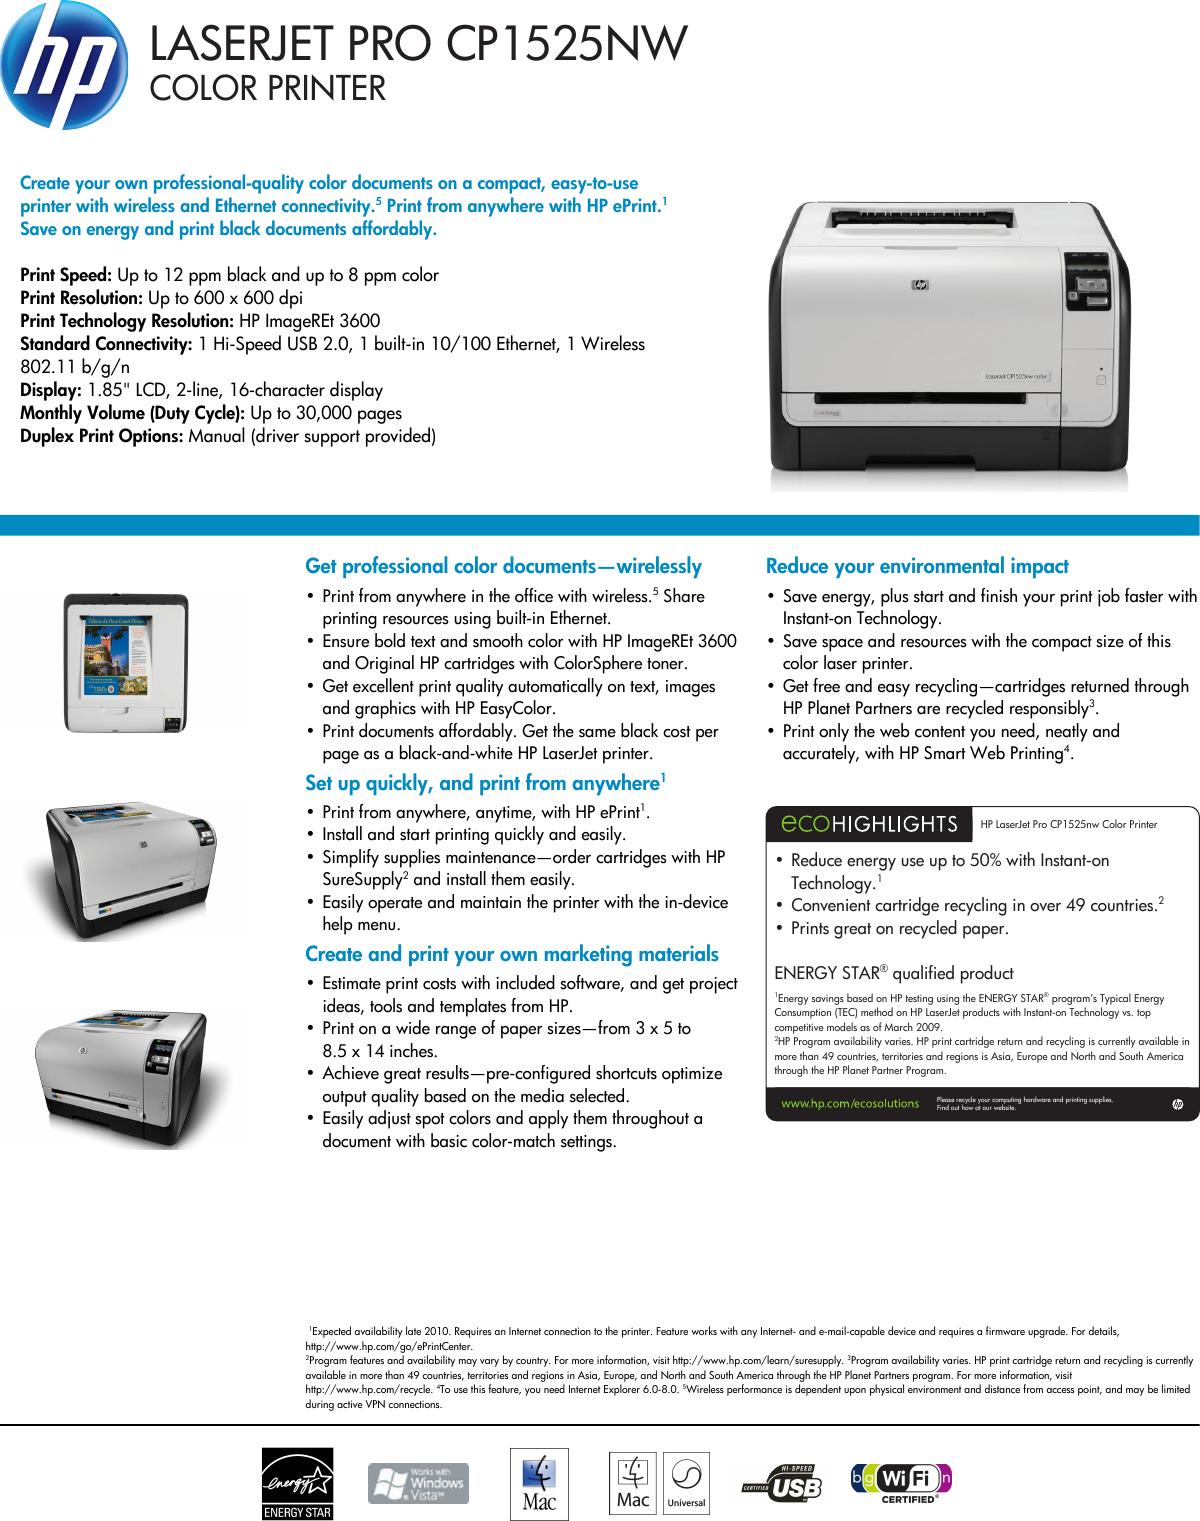 Hp Laserjet Pro Cp1525Nw Users Manual Datasheet